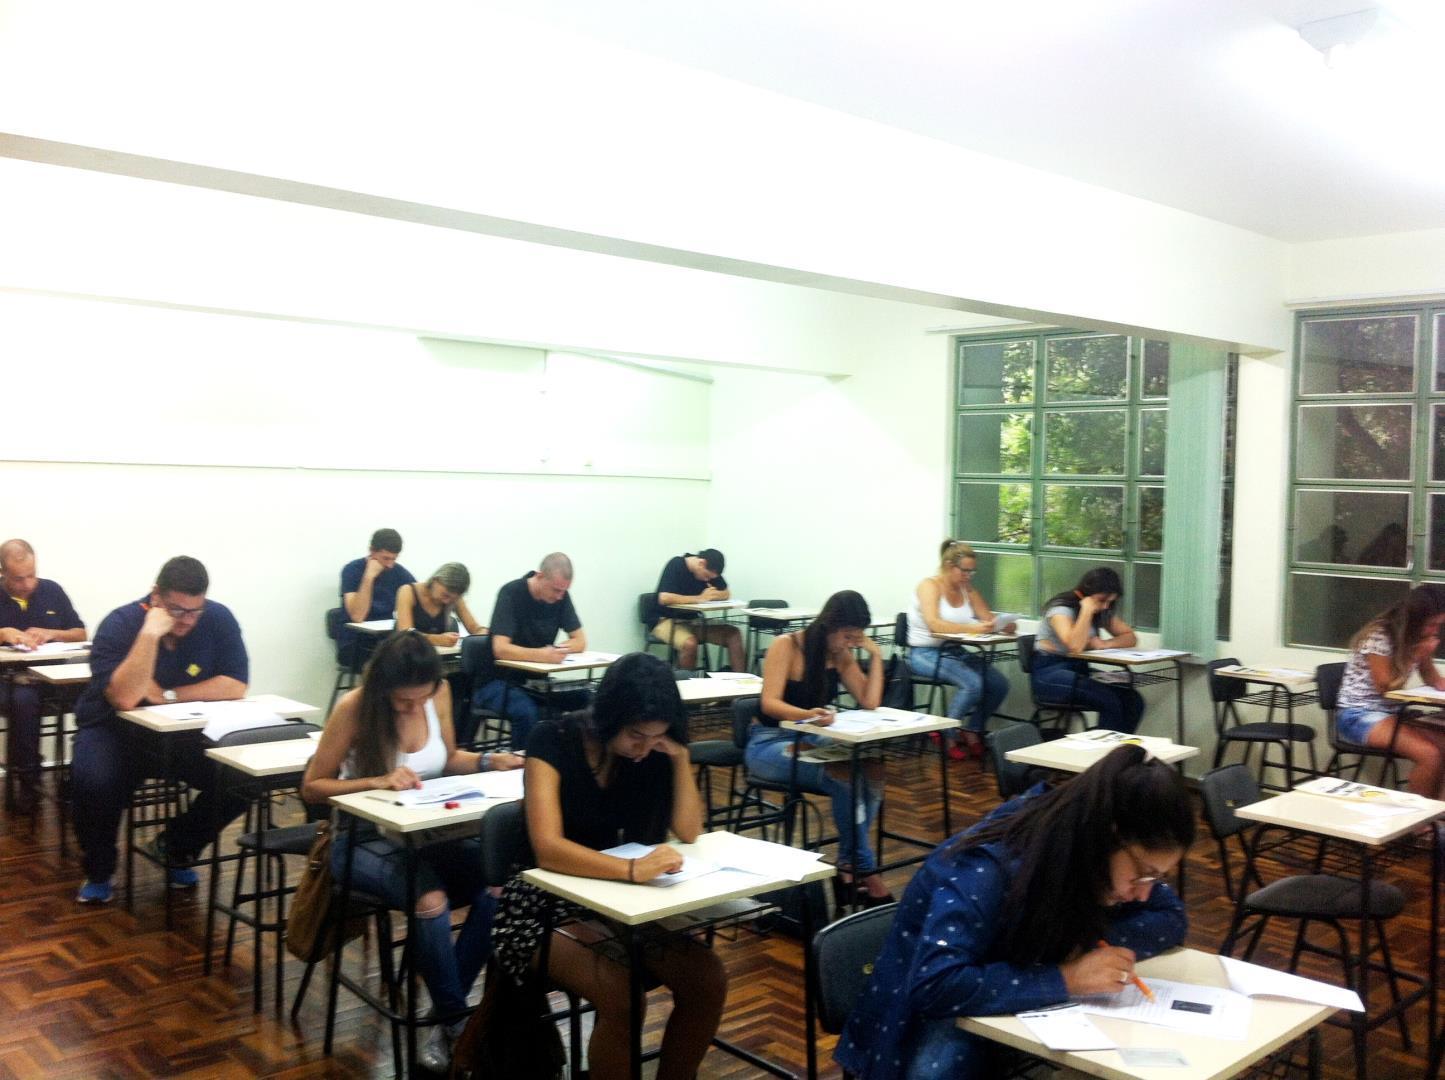 IENH realiza prova de seleção para Bolsas de Estudo dos Cursos Técnicos